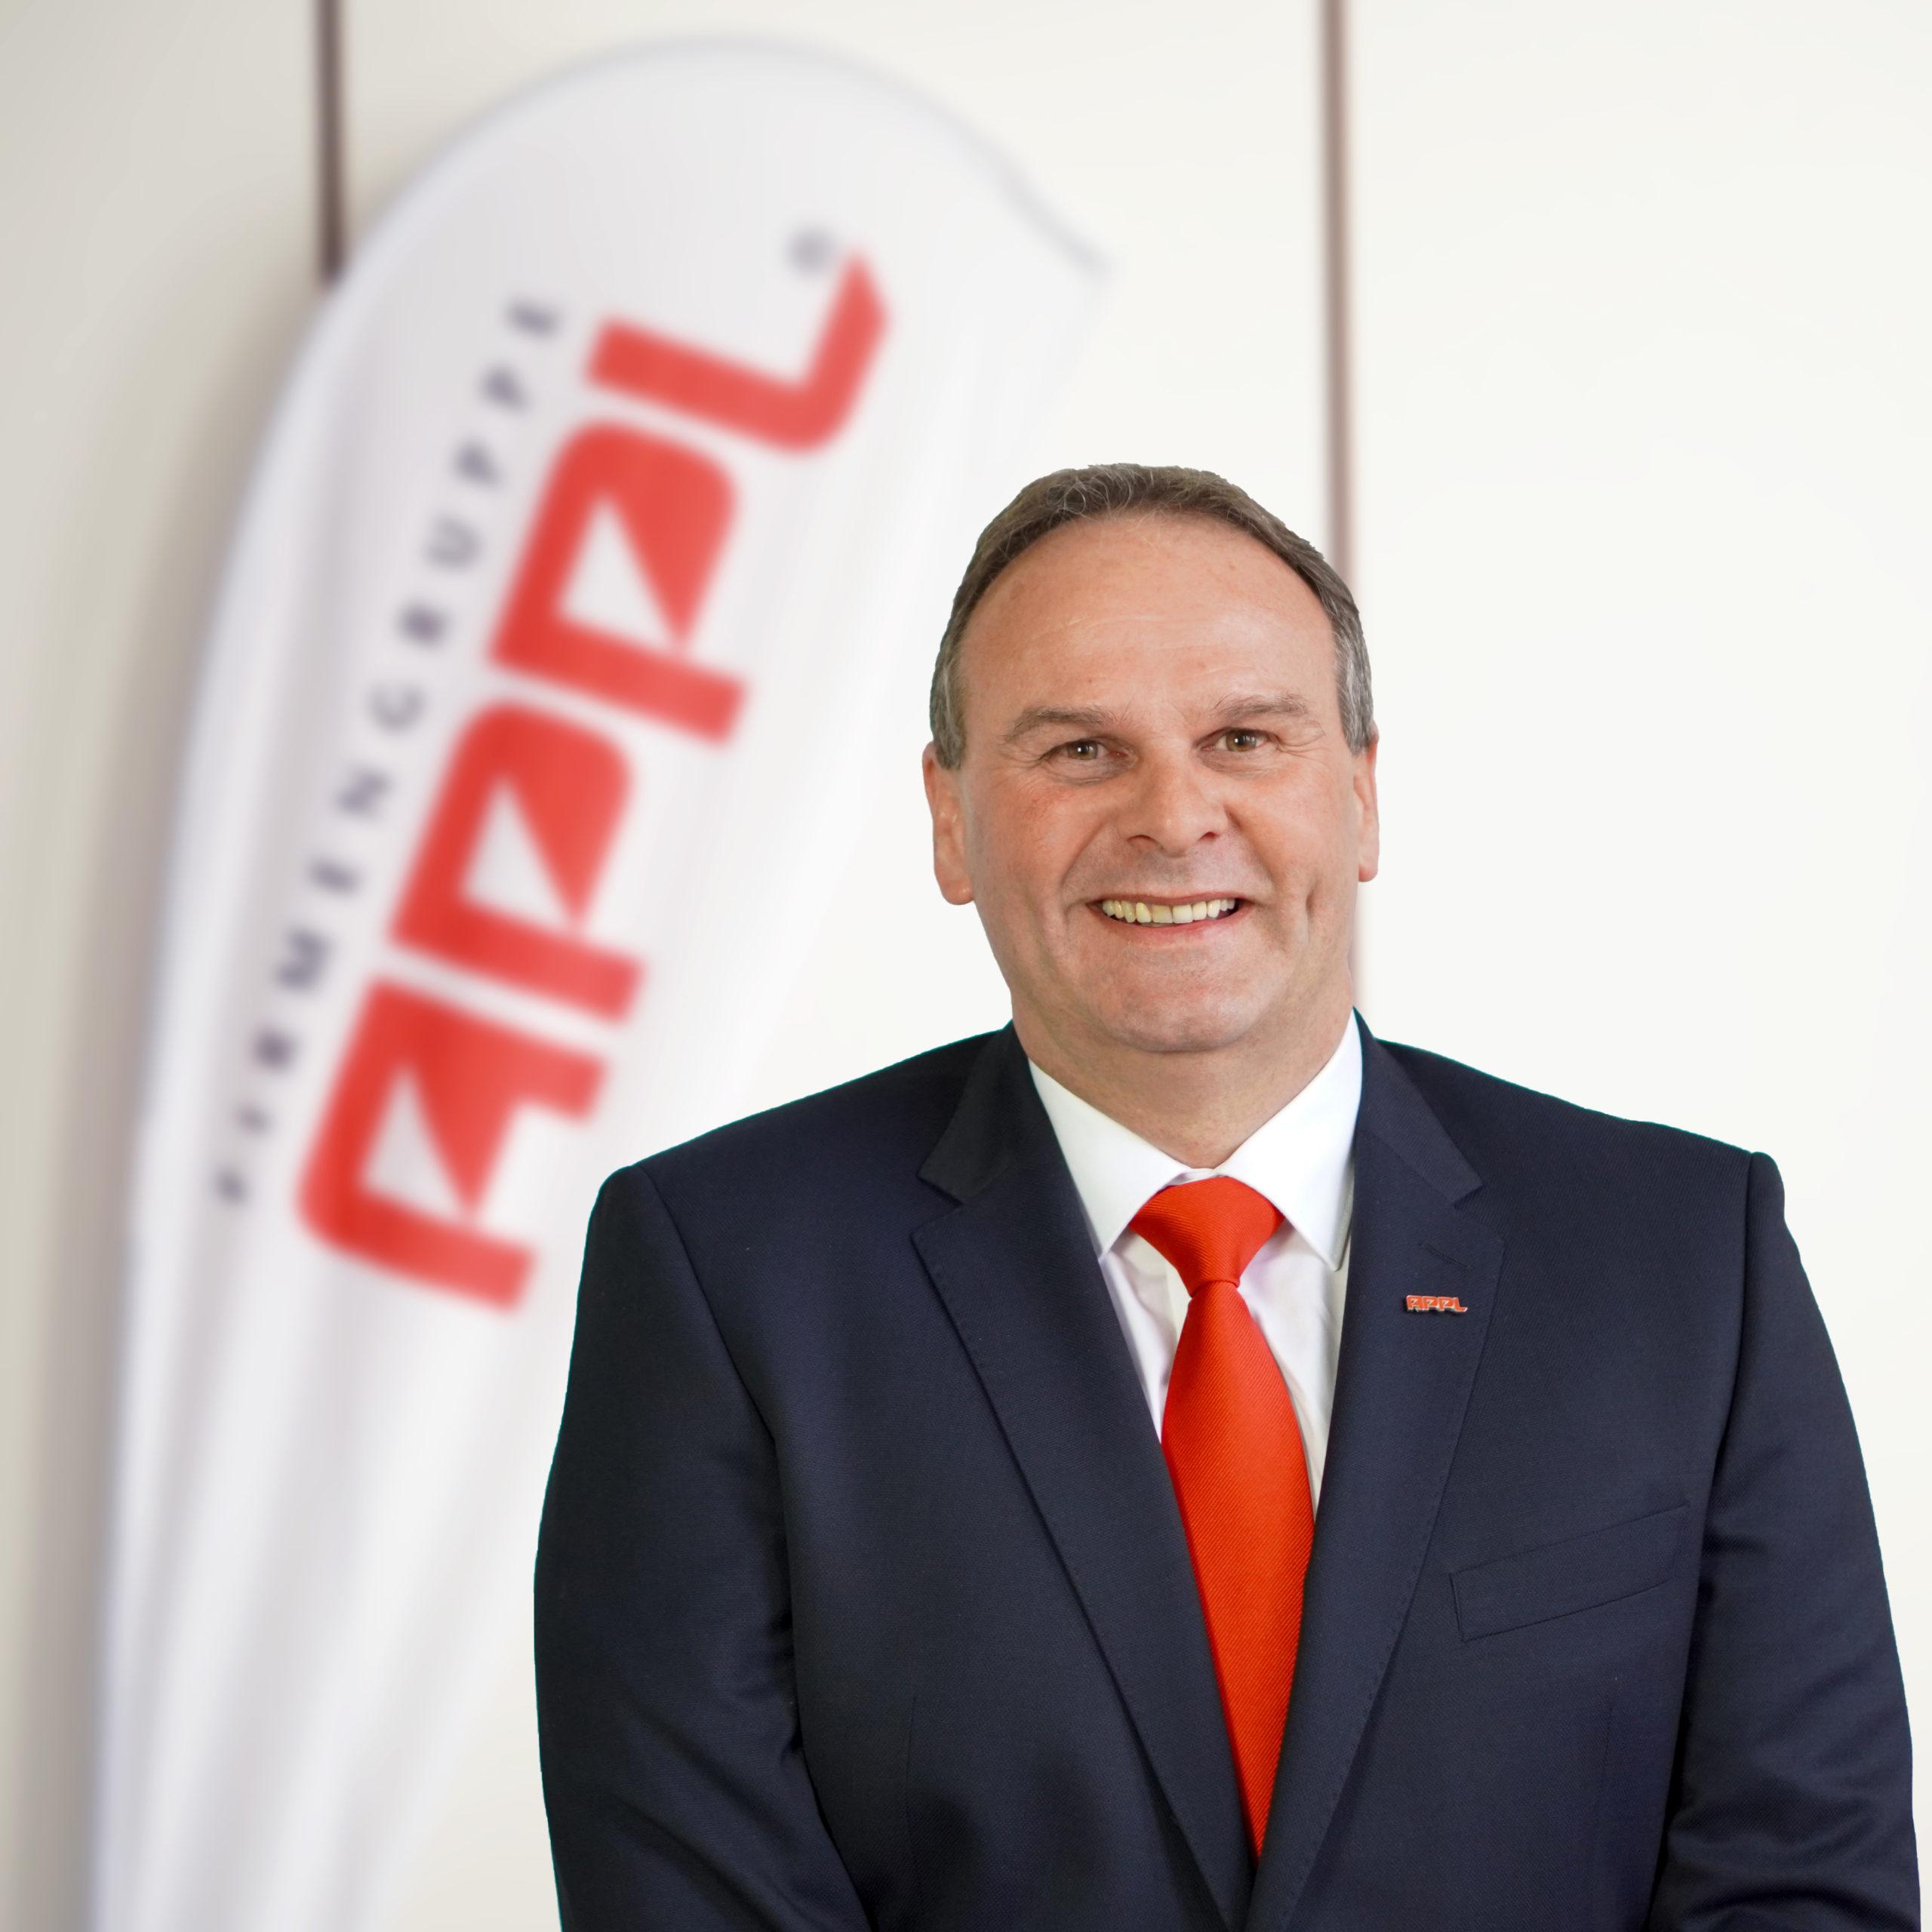 Karl Volkert